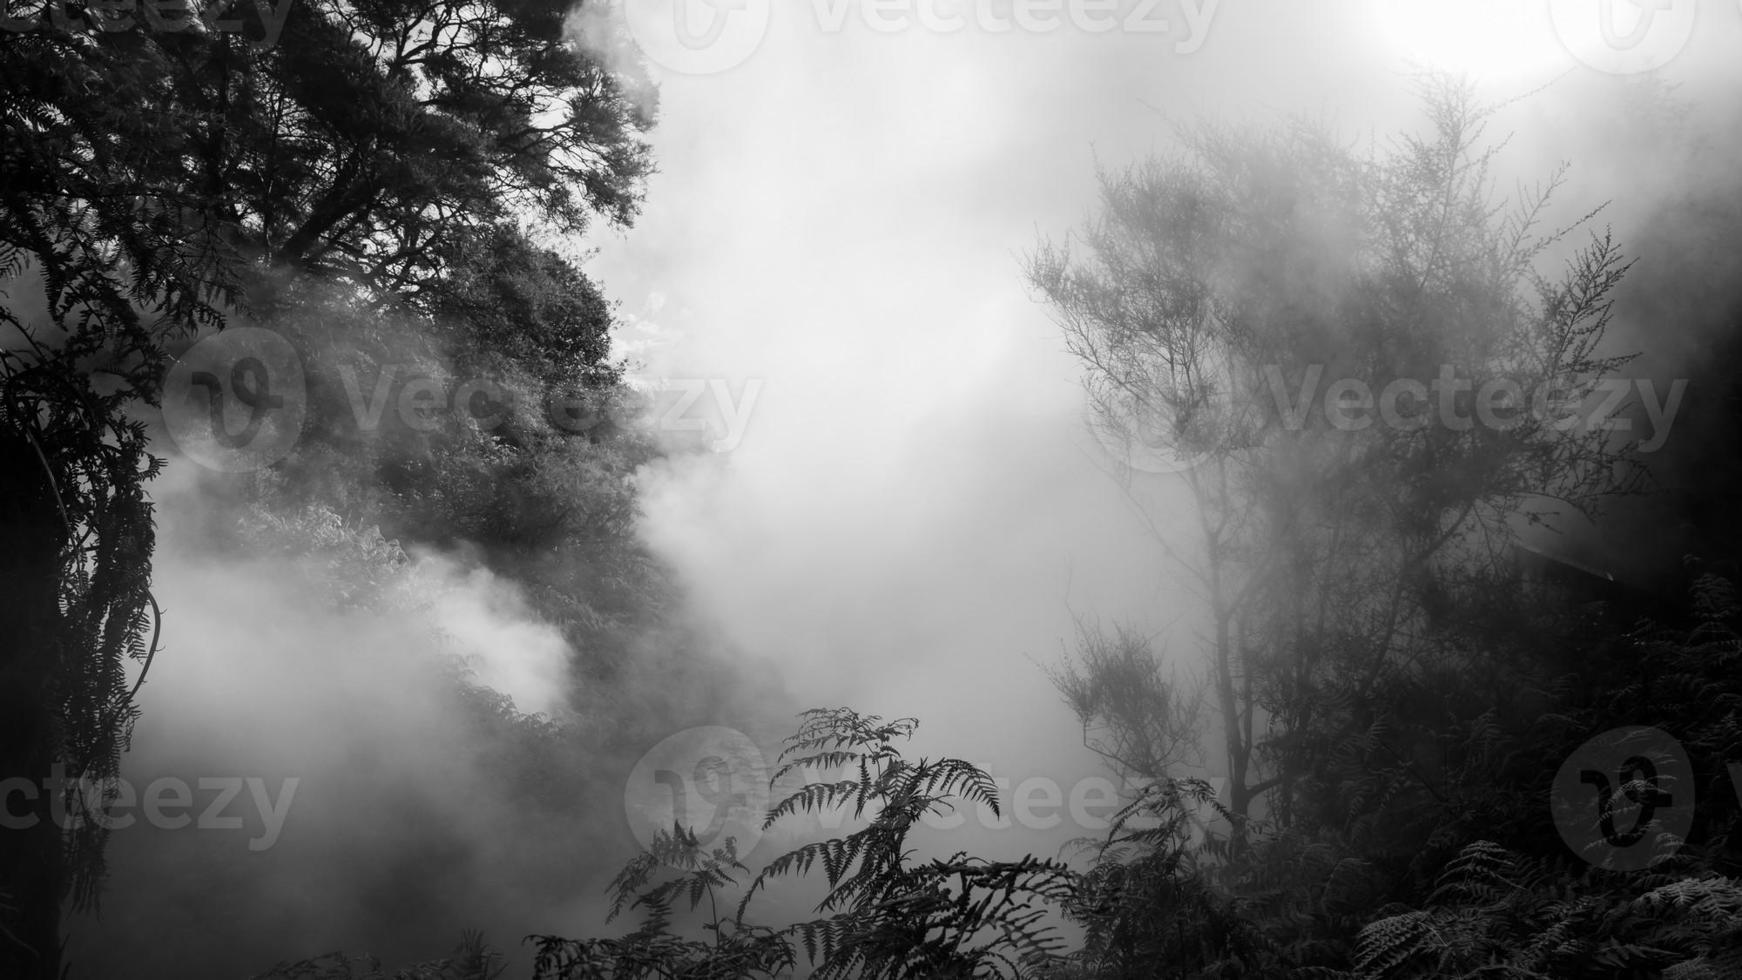 árboles brumosos debido a un río hirviendo foto